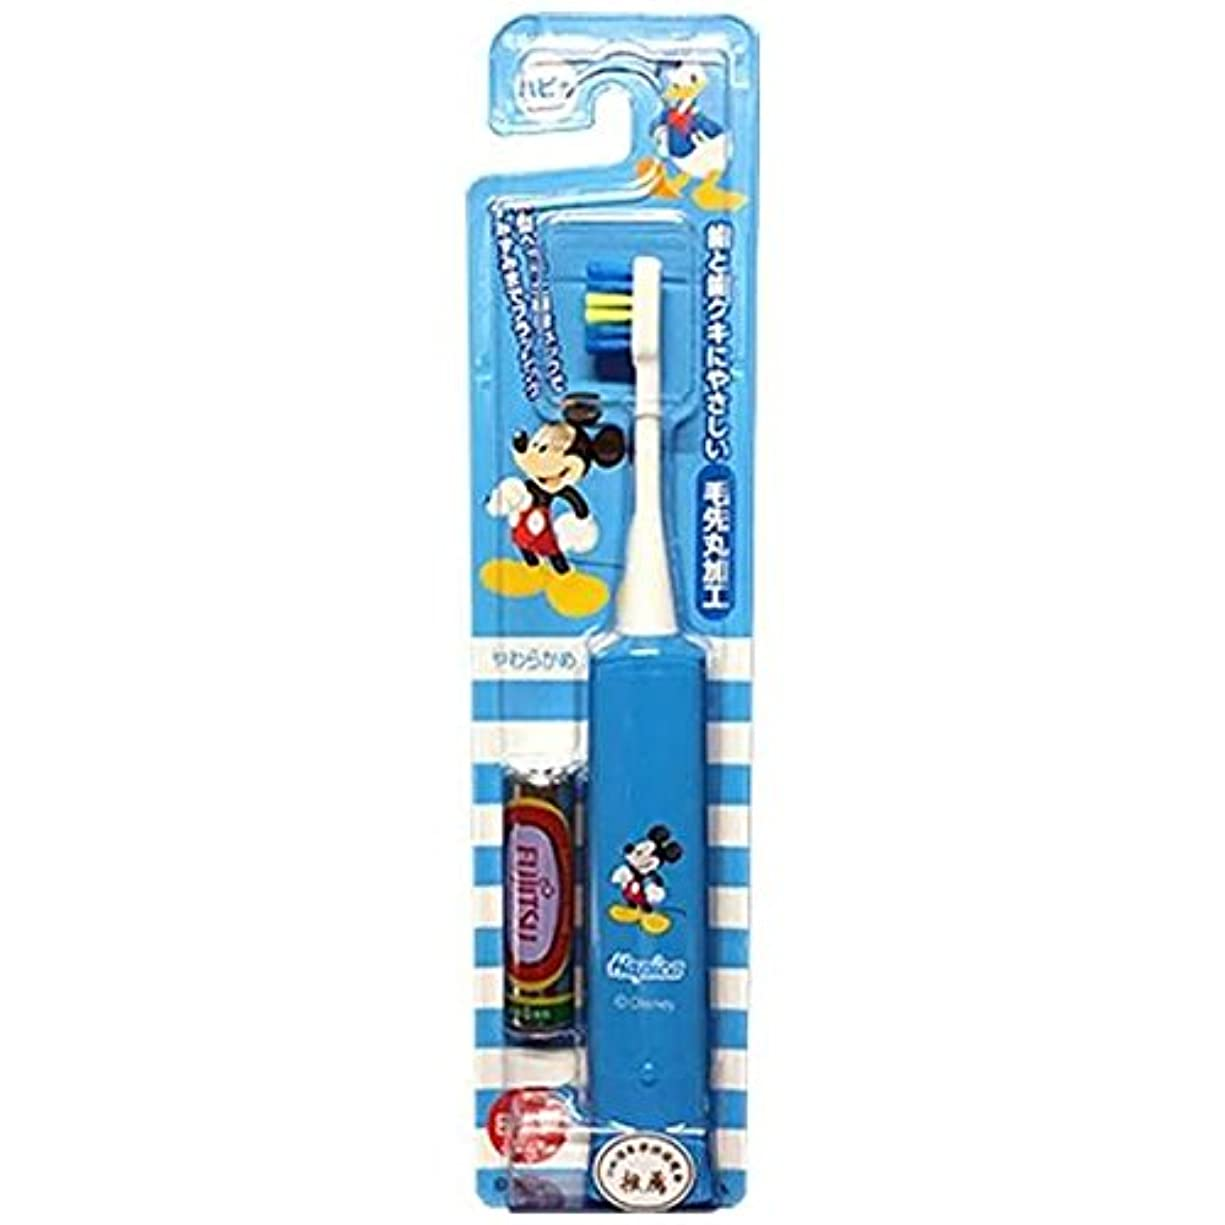 汚い上へ任意ミニマム 電動付歯ブラシ こどもハピカ ミッキー(ブルー) 毛の硬さ:やわらかめ DBK-5B(MK)